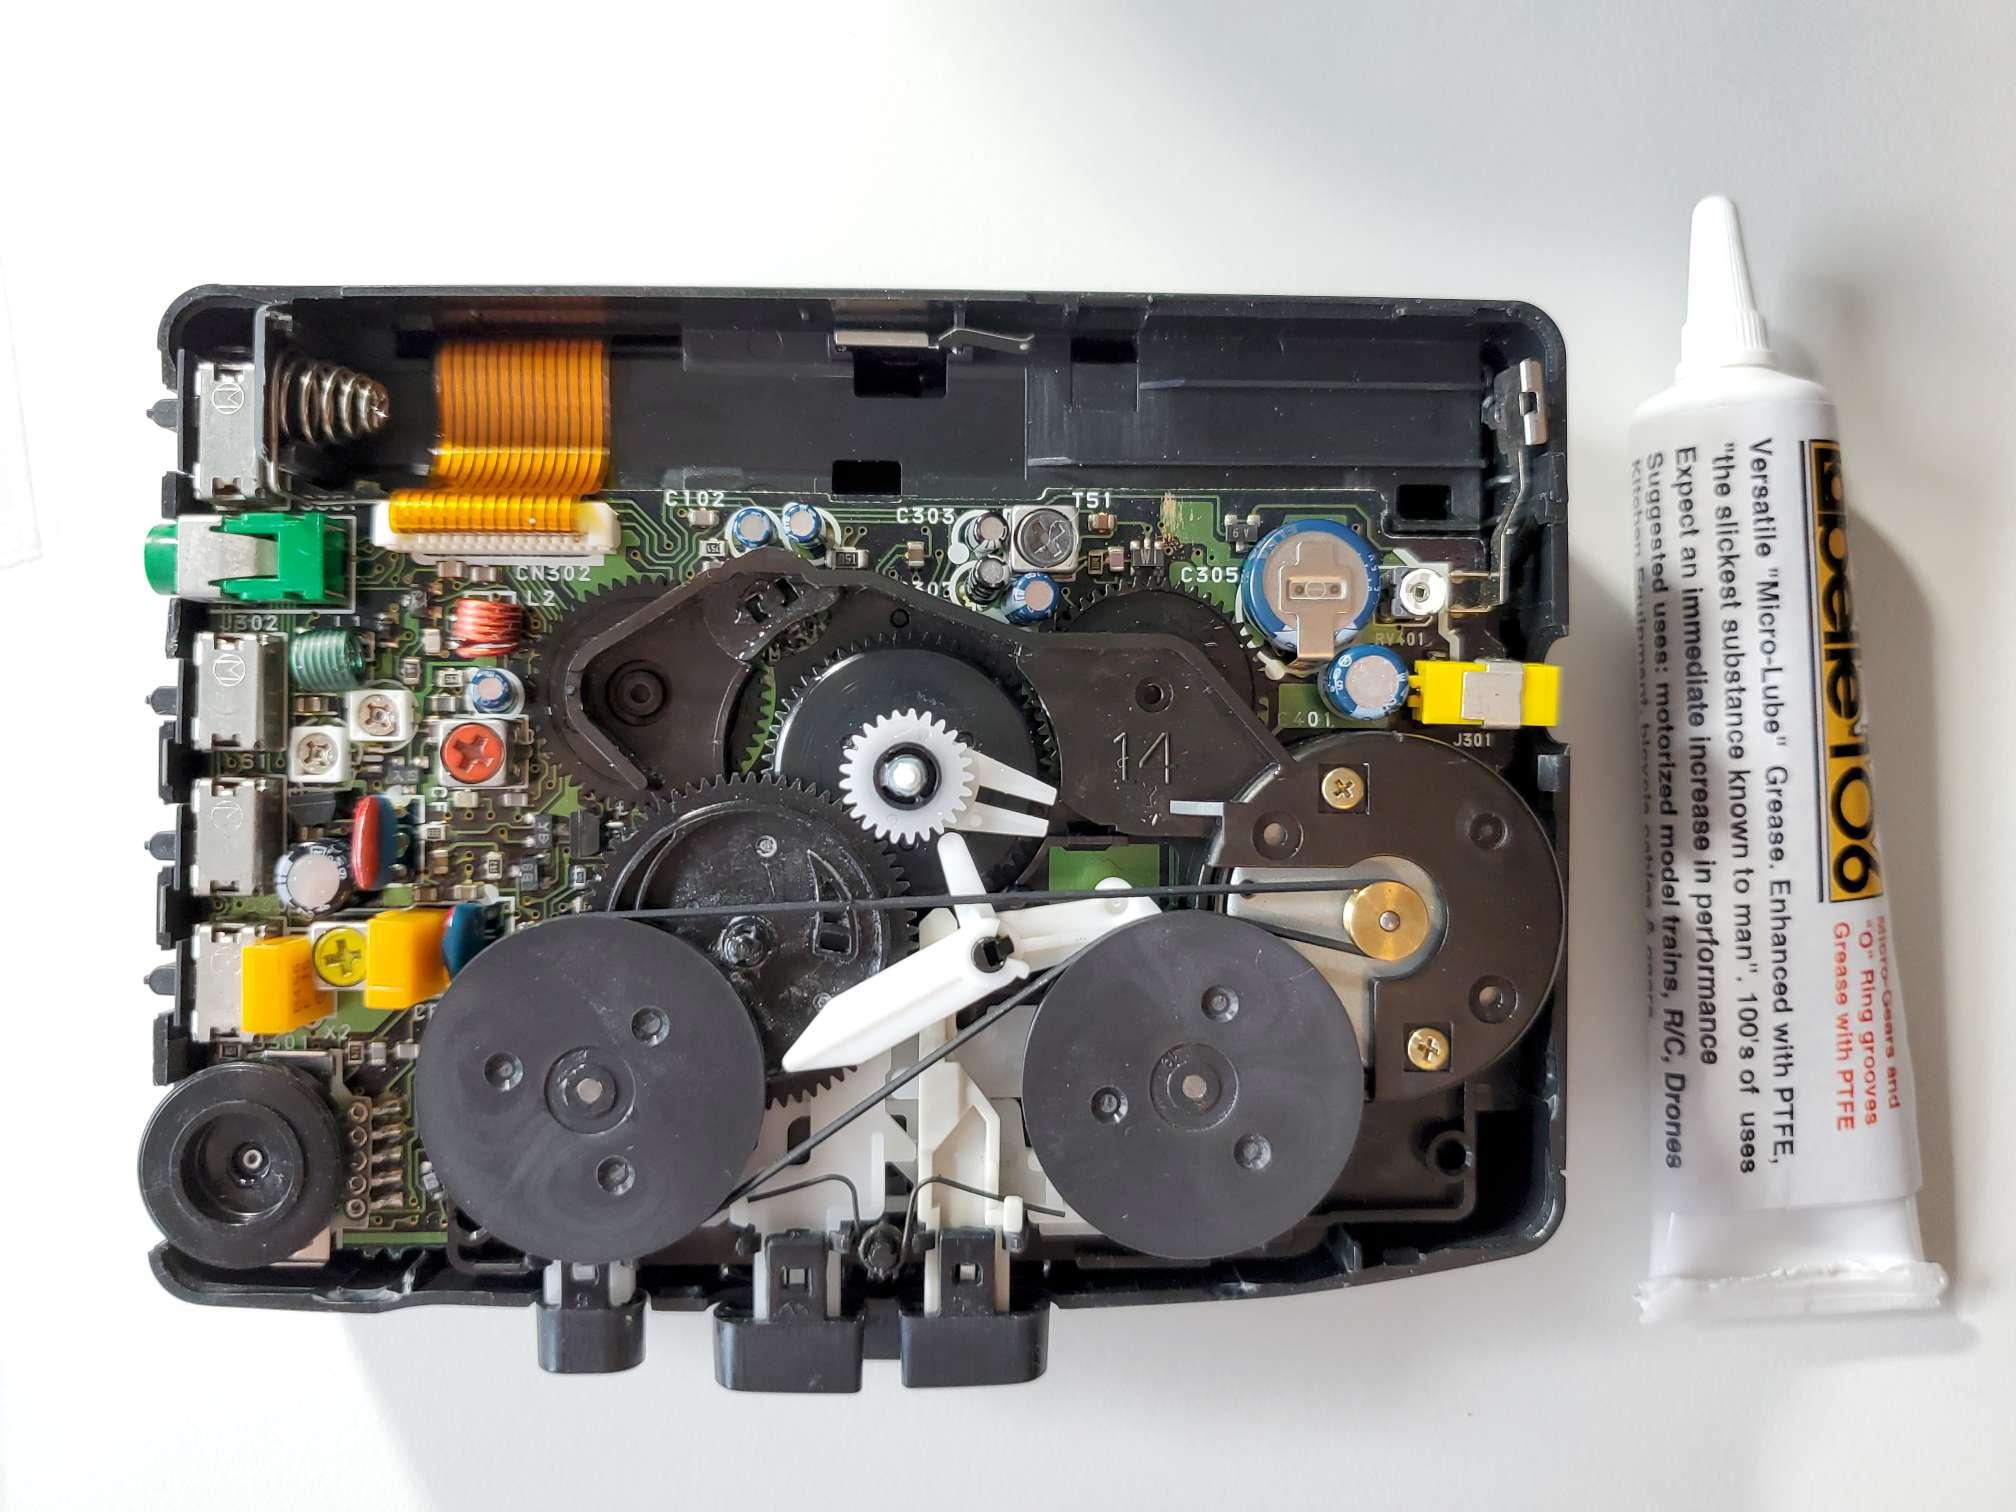 Sony Walkman WM-FX28 with Plastic Grease